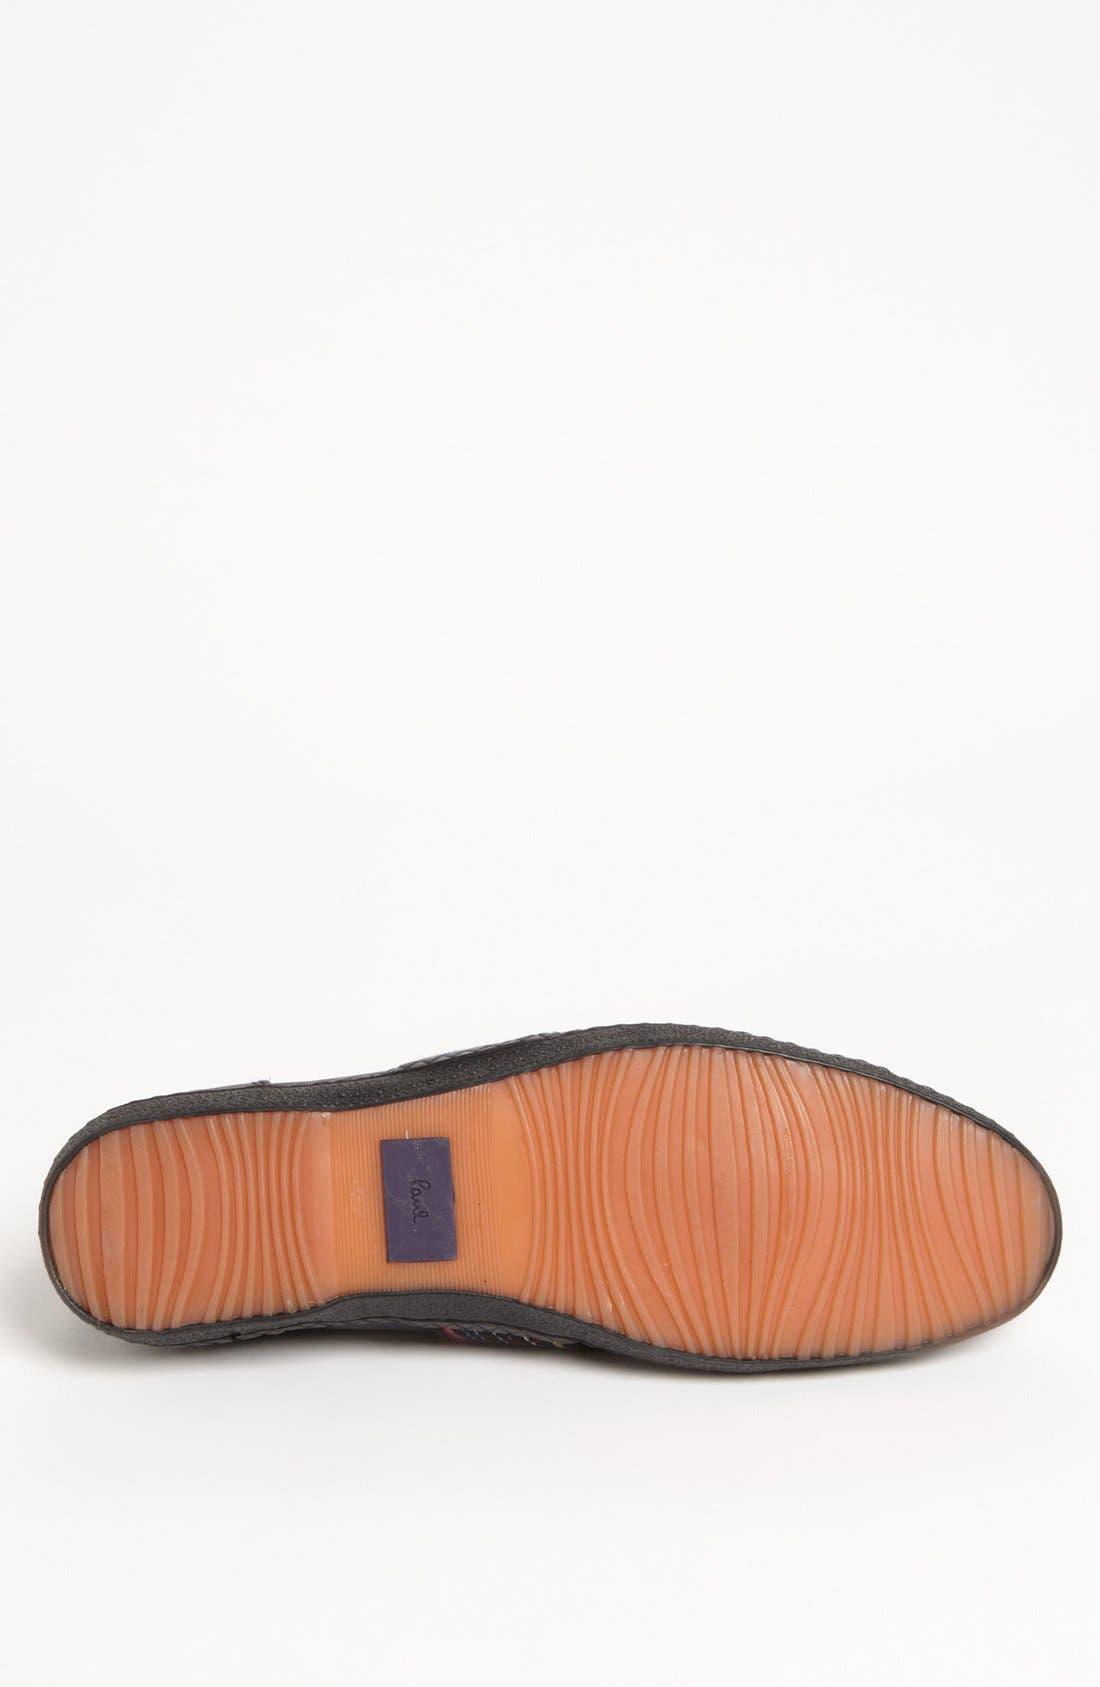 'Osmo' Sneaker,                             Alternate thumbnail 2, color,                             001